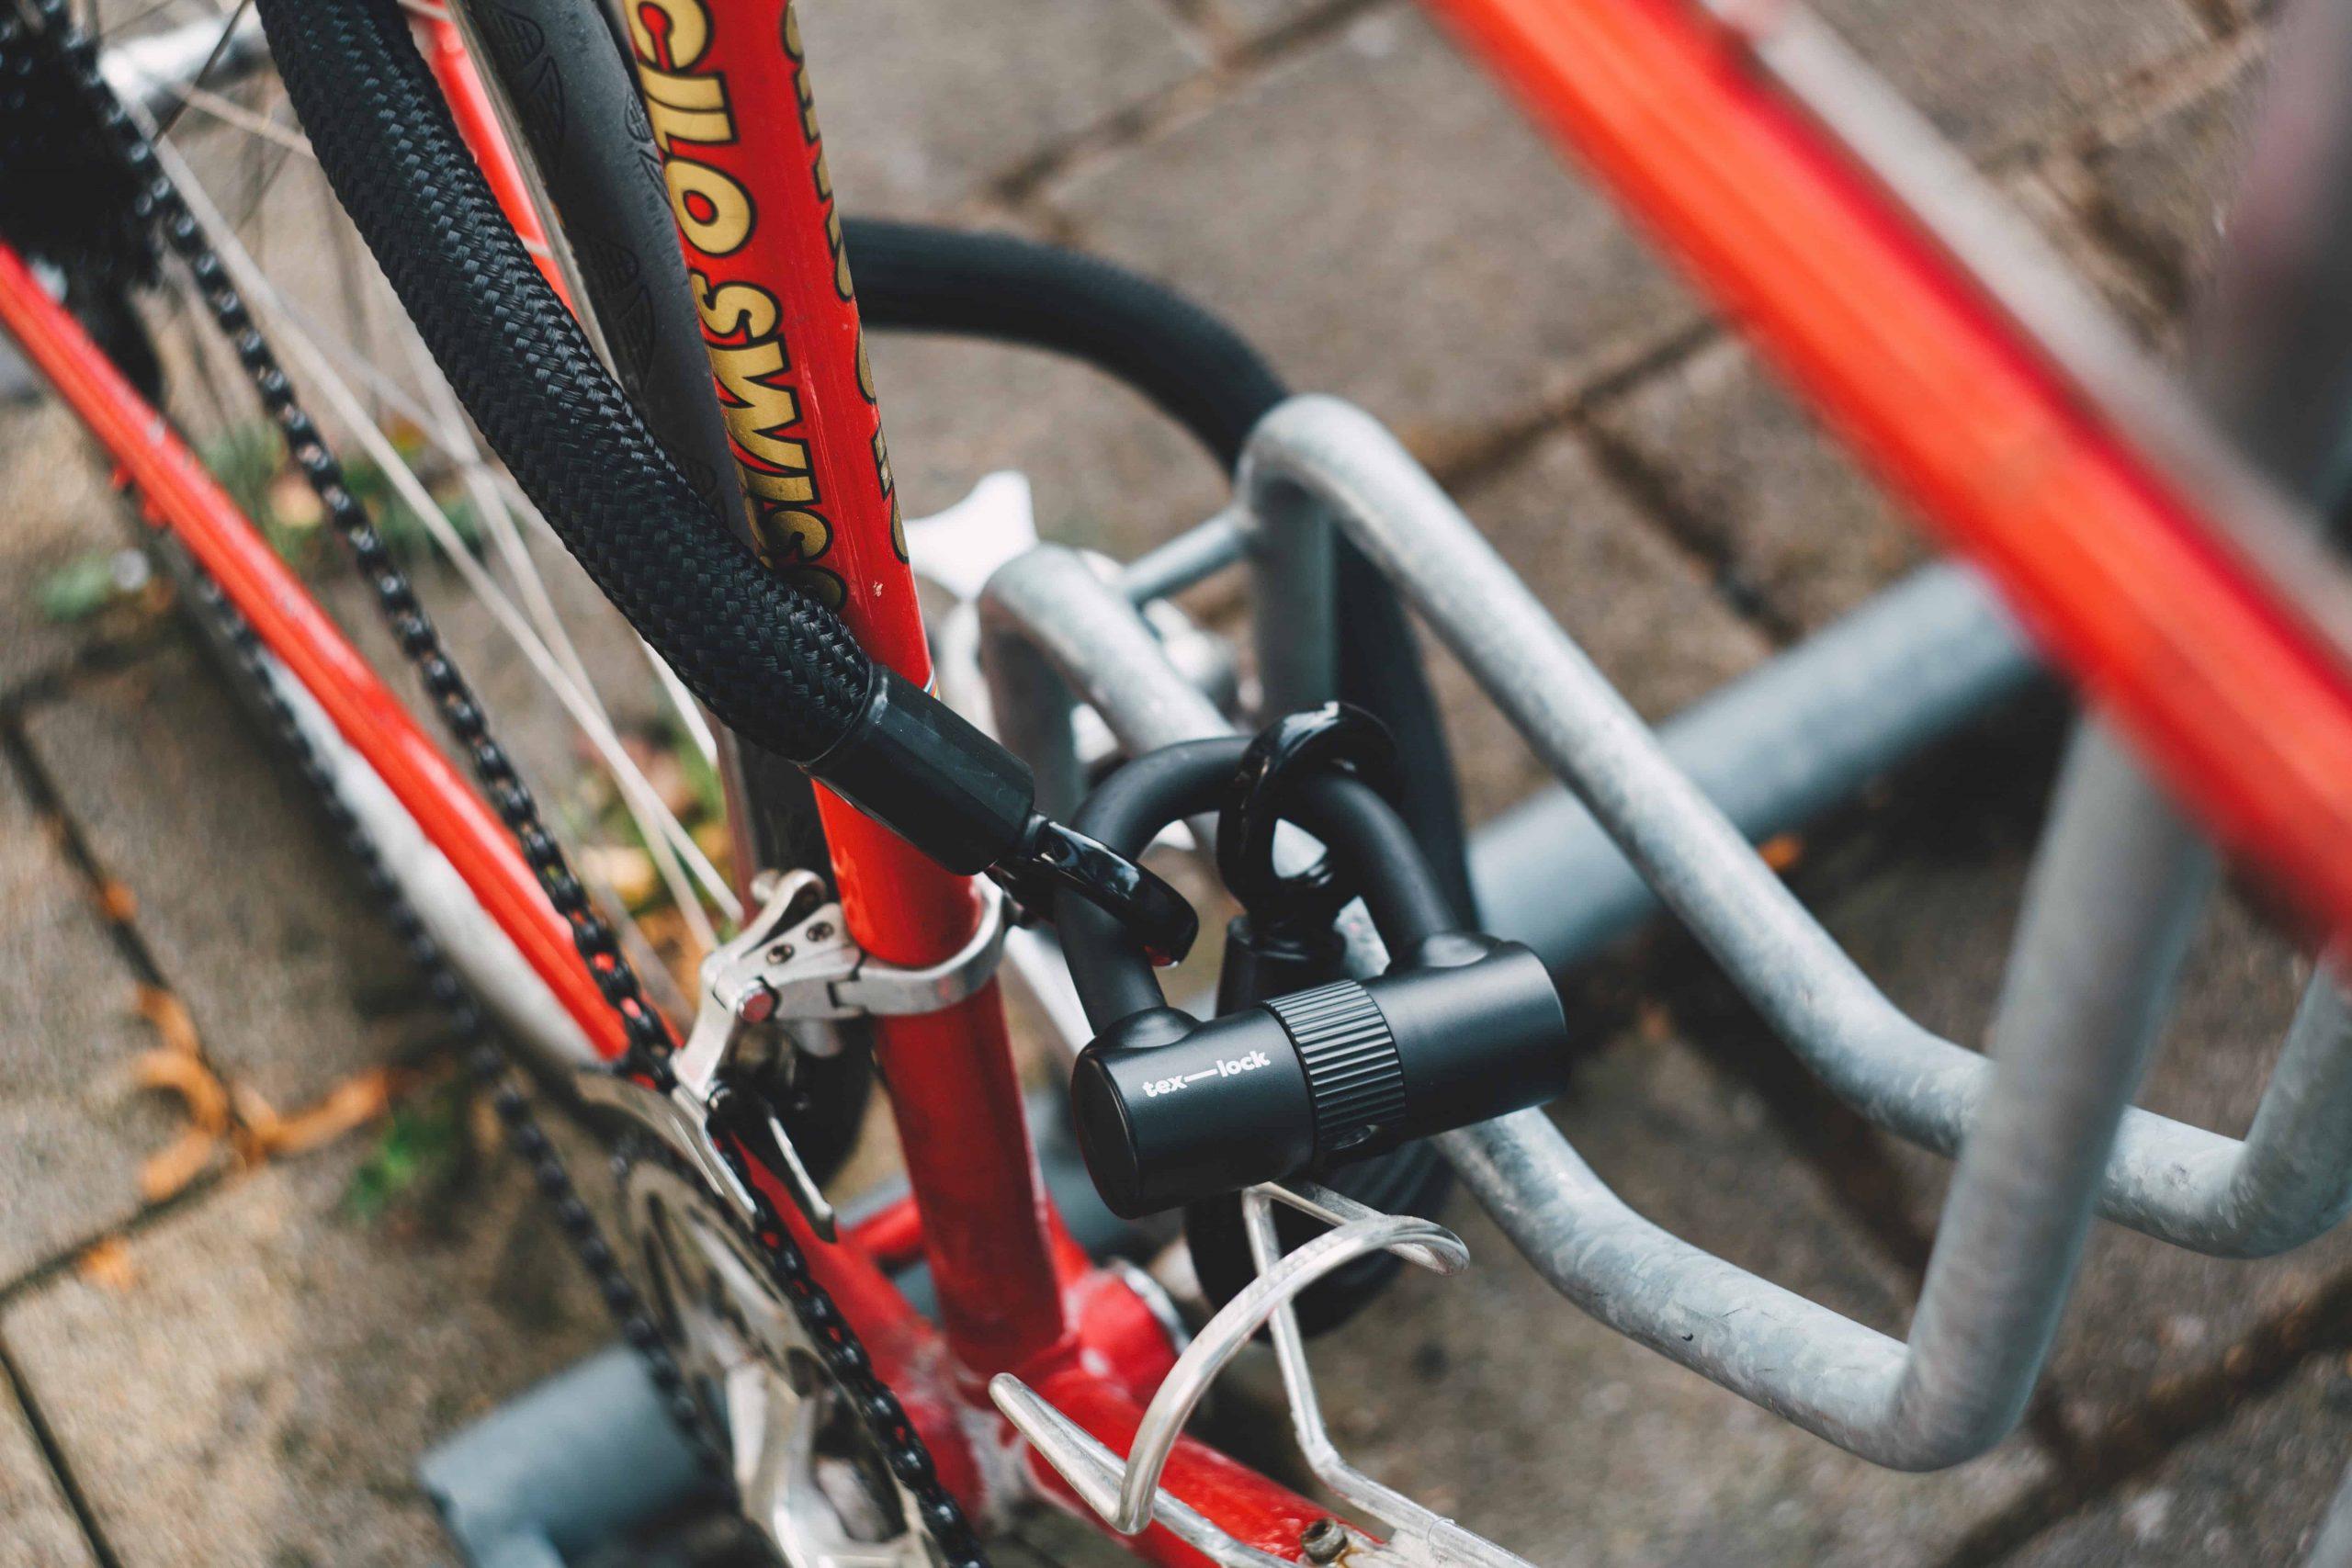 Sicheres Fahrradschloss: Test & Empfehlungen (03/21)